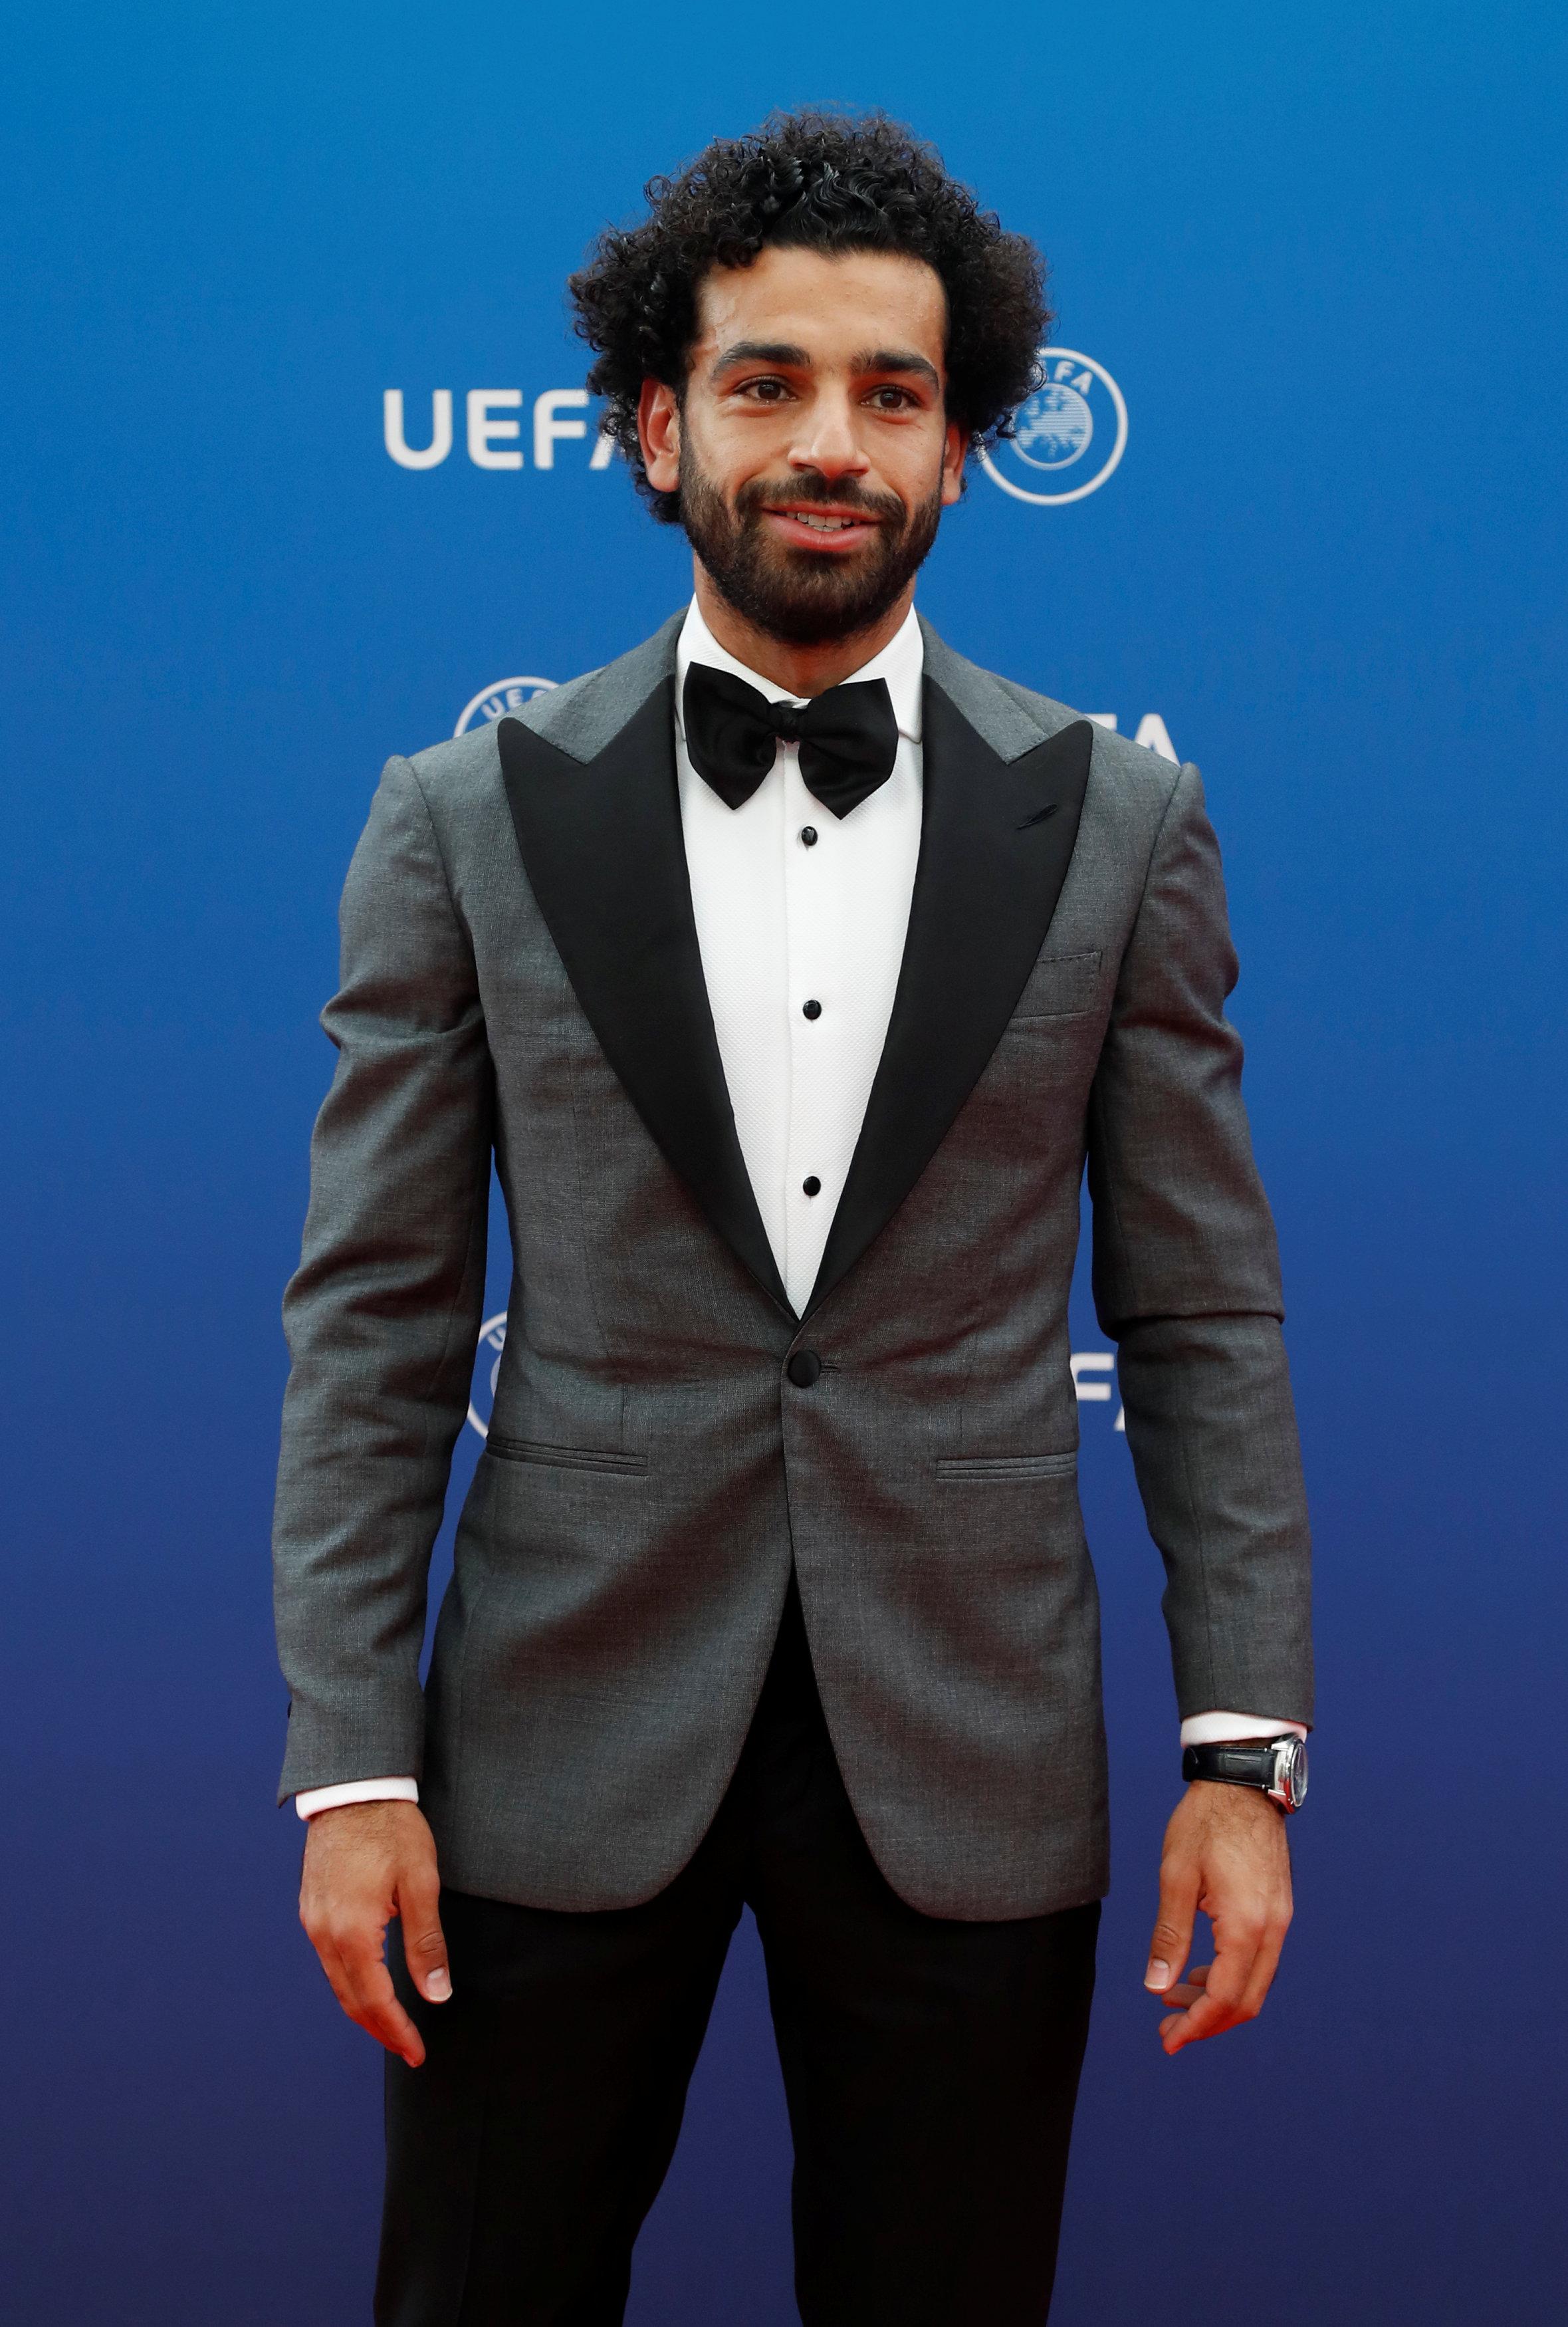 صلاح فى حفل أفضل لاعب فى أوروبا